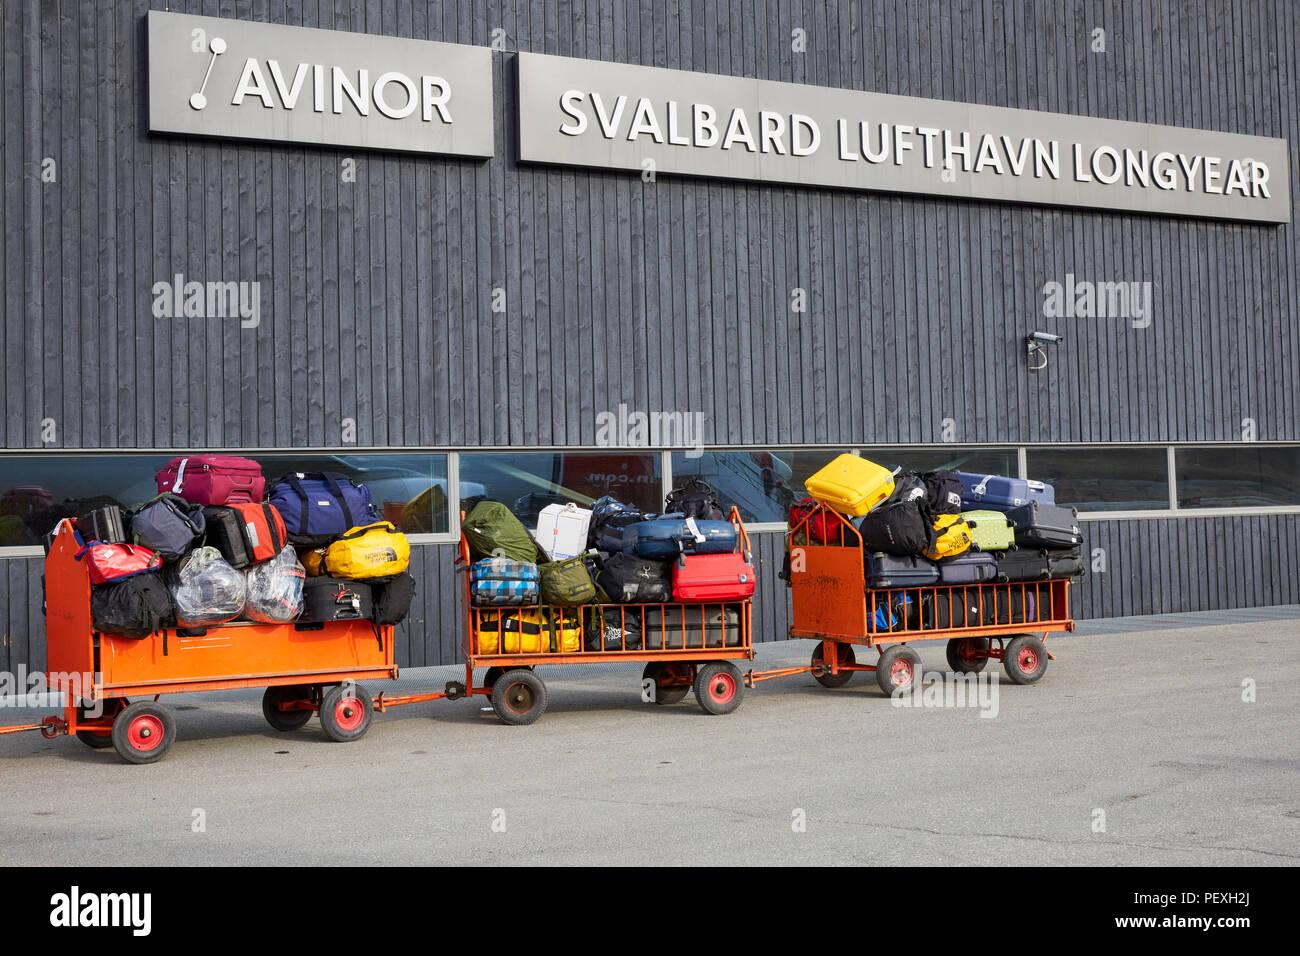 Gepäckwagen warten geladen oder entladen auf Spitzbergen Longyearbyen Flughafen Longyearbyen Lufthavn. Stockbild